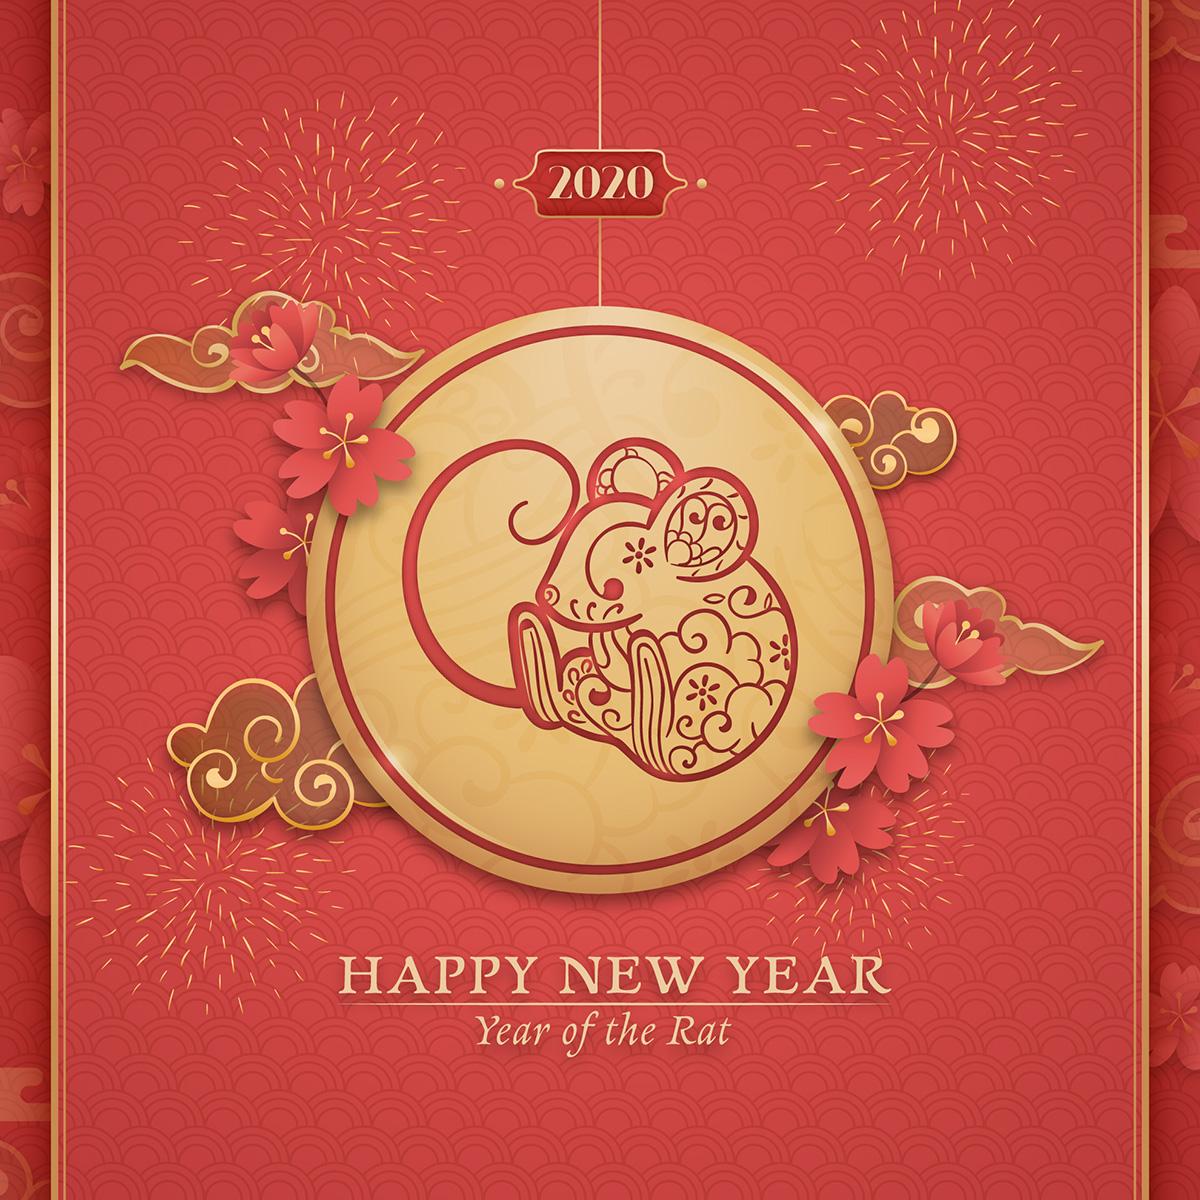 2020鼠年新年节日庆祝矢量素材